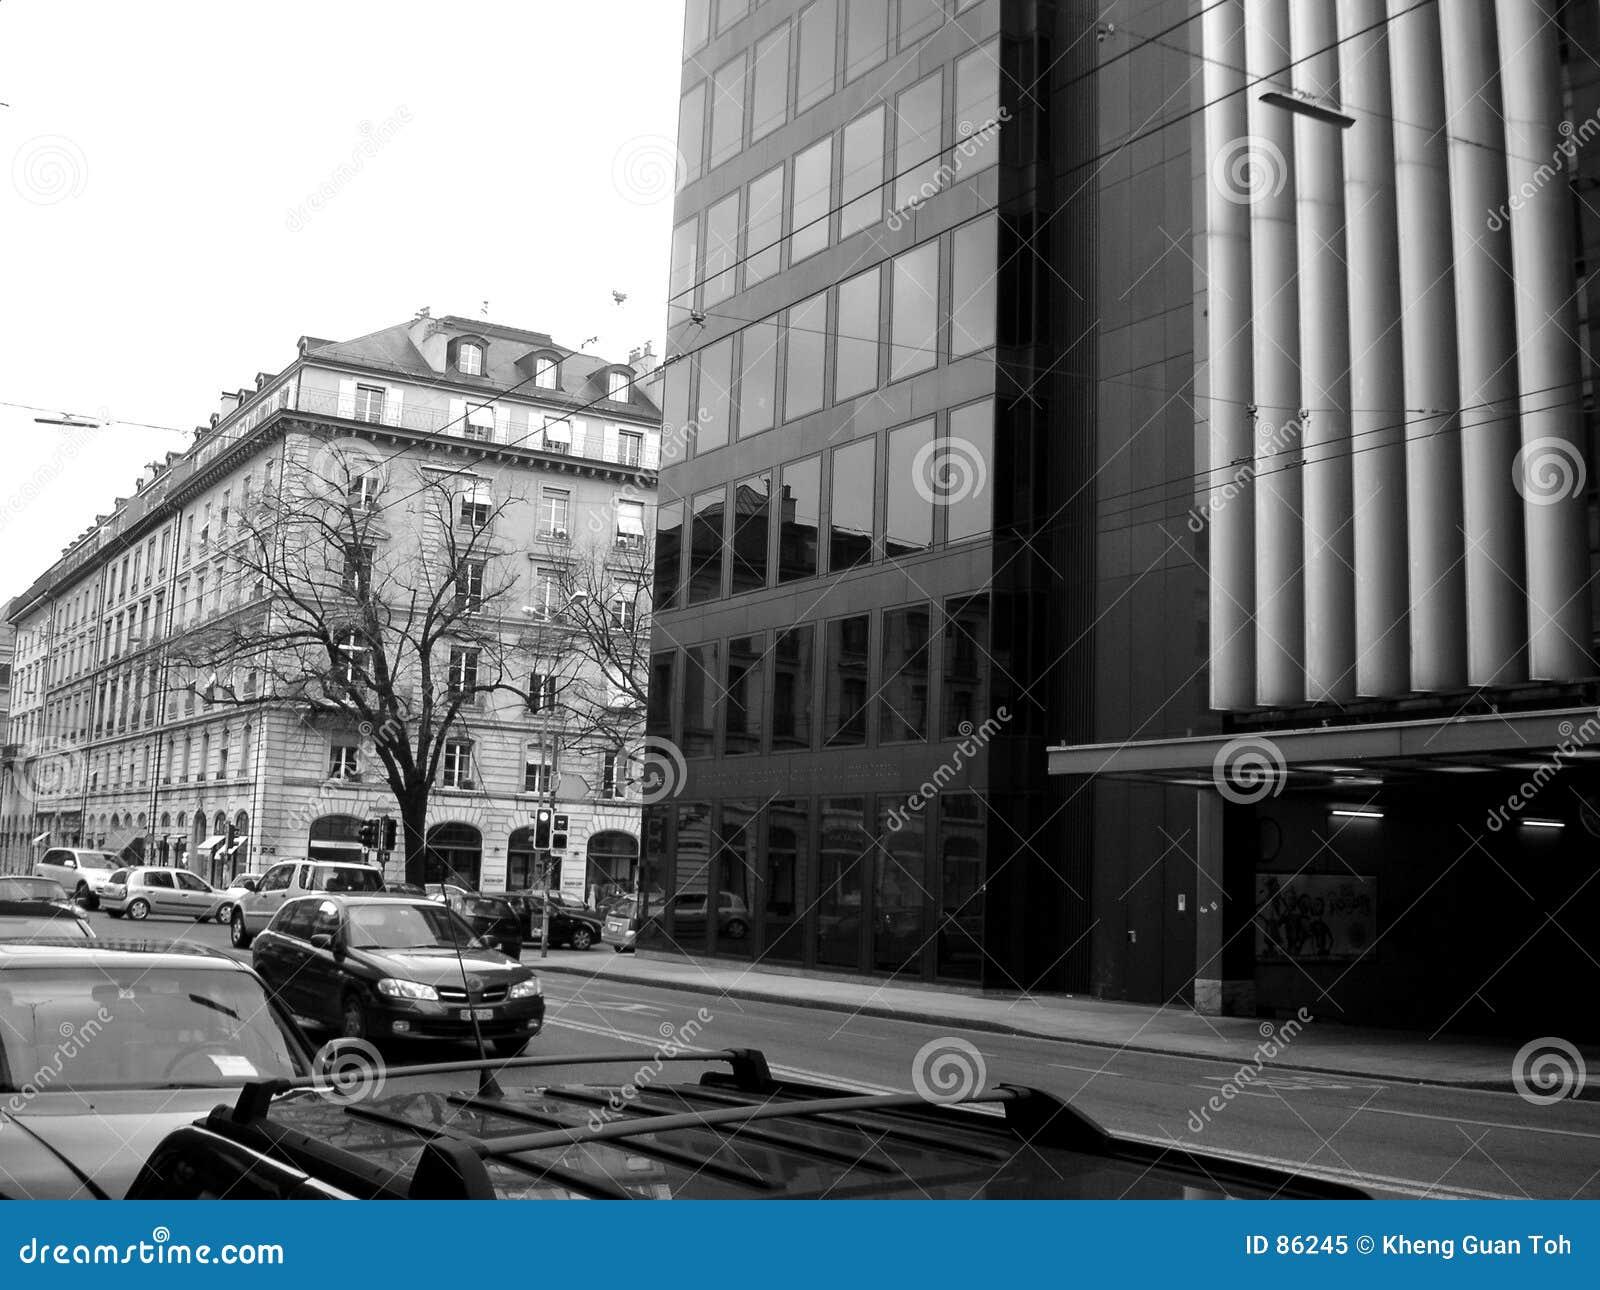 Genewie street